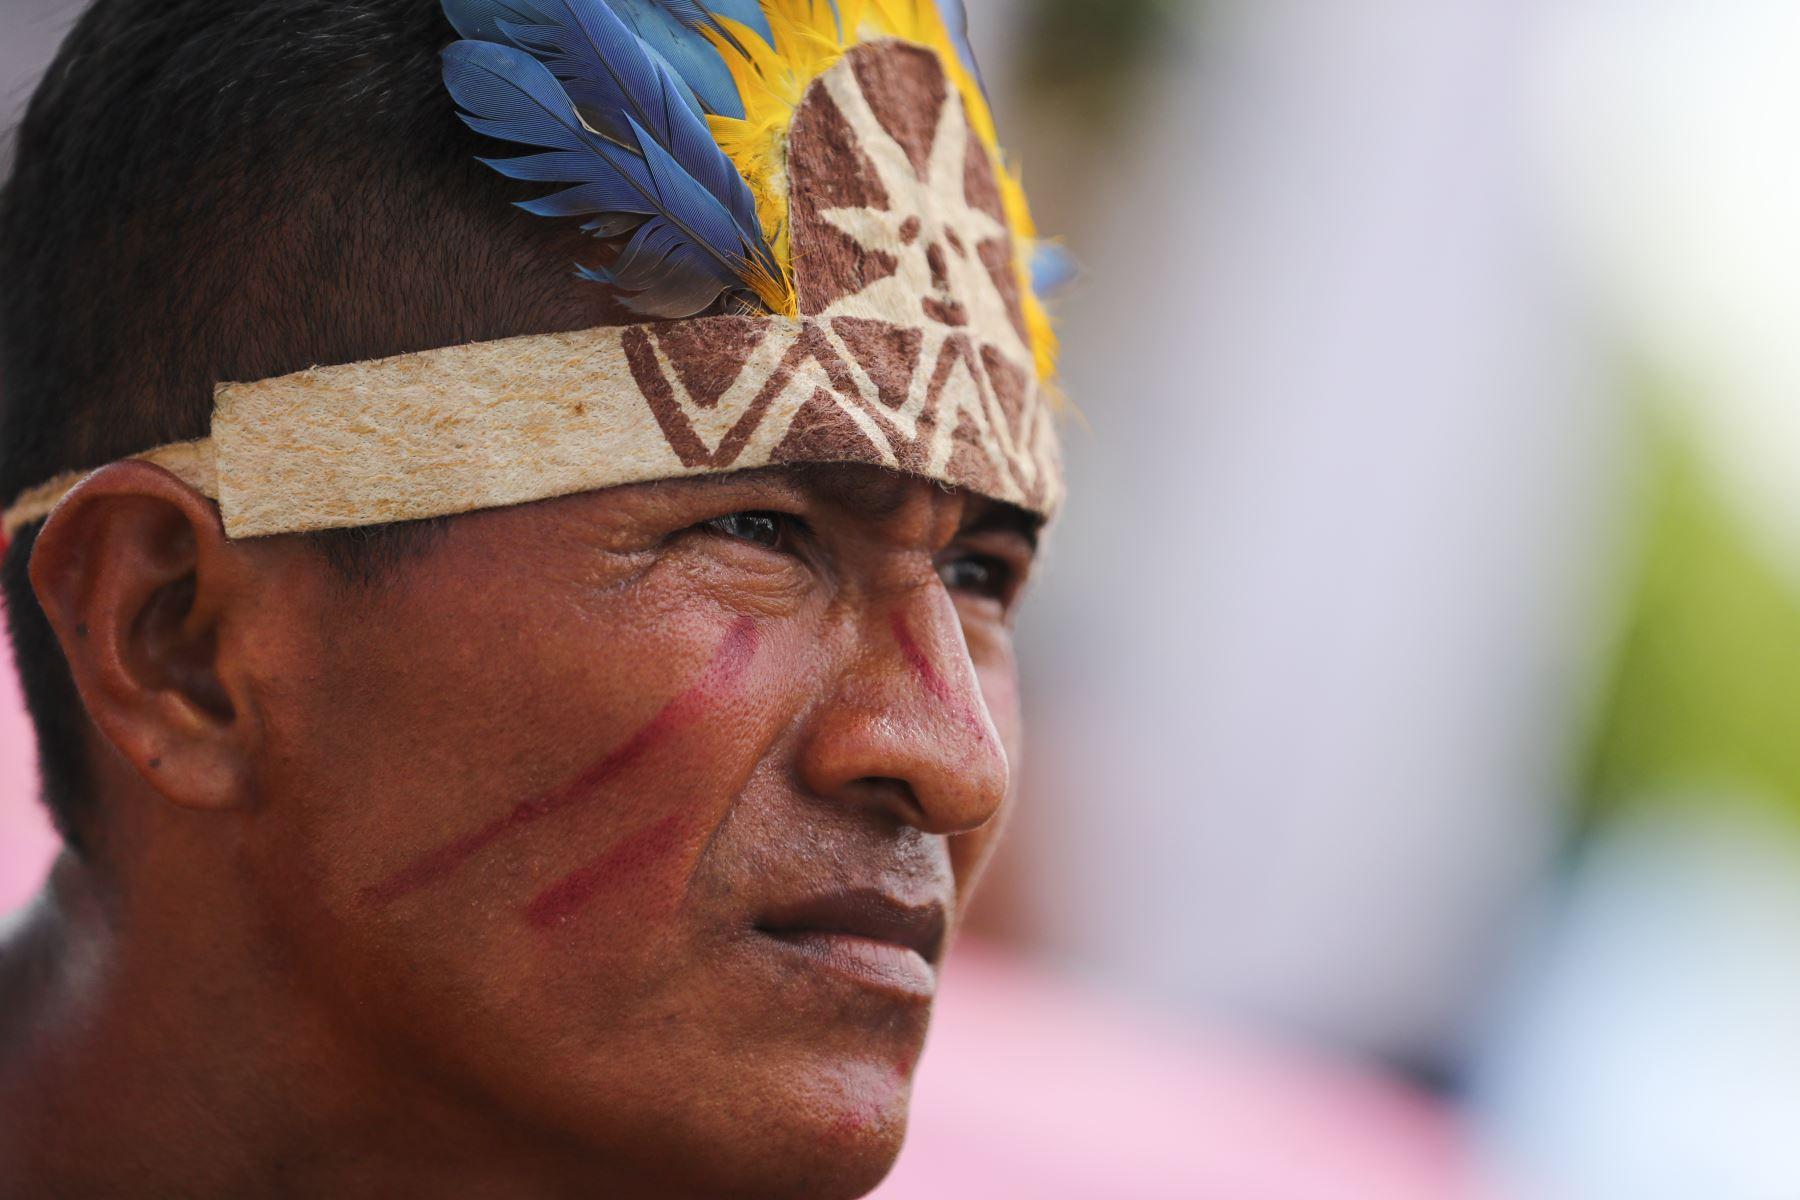 Retrato  a líder indígena en entrega de títulos en la región Loreto.Foto: ANDINA/Andrés Valle